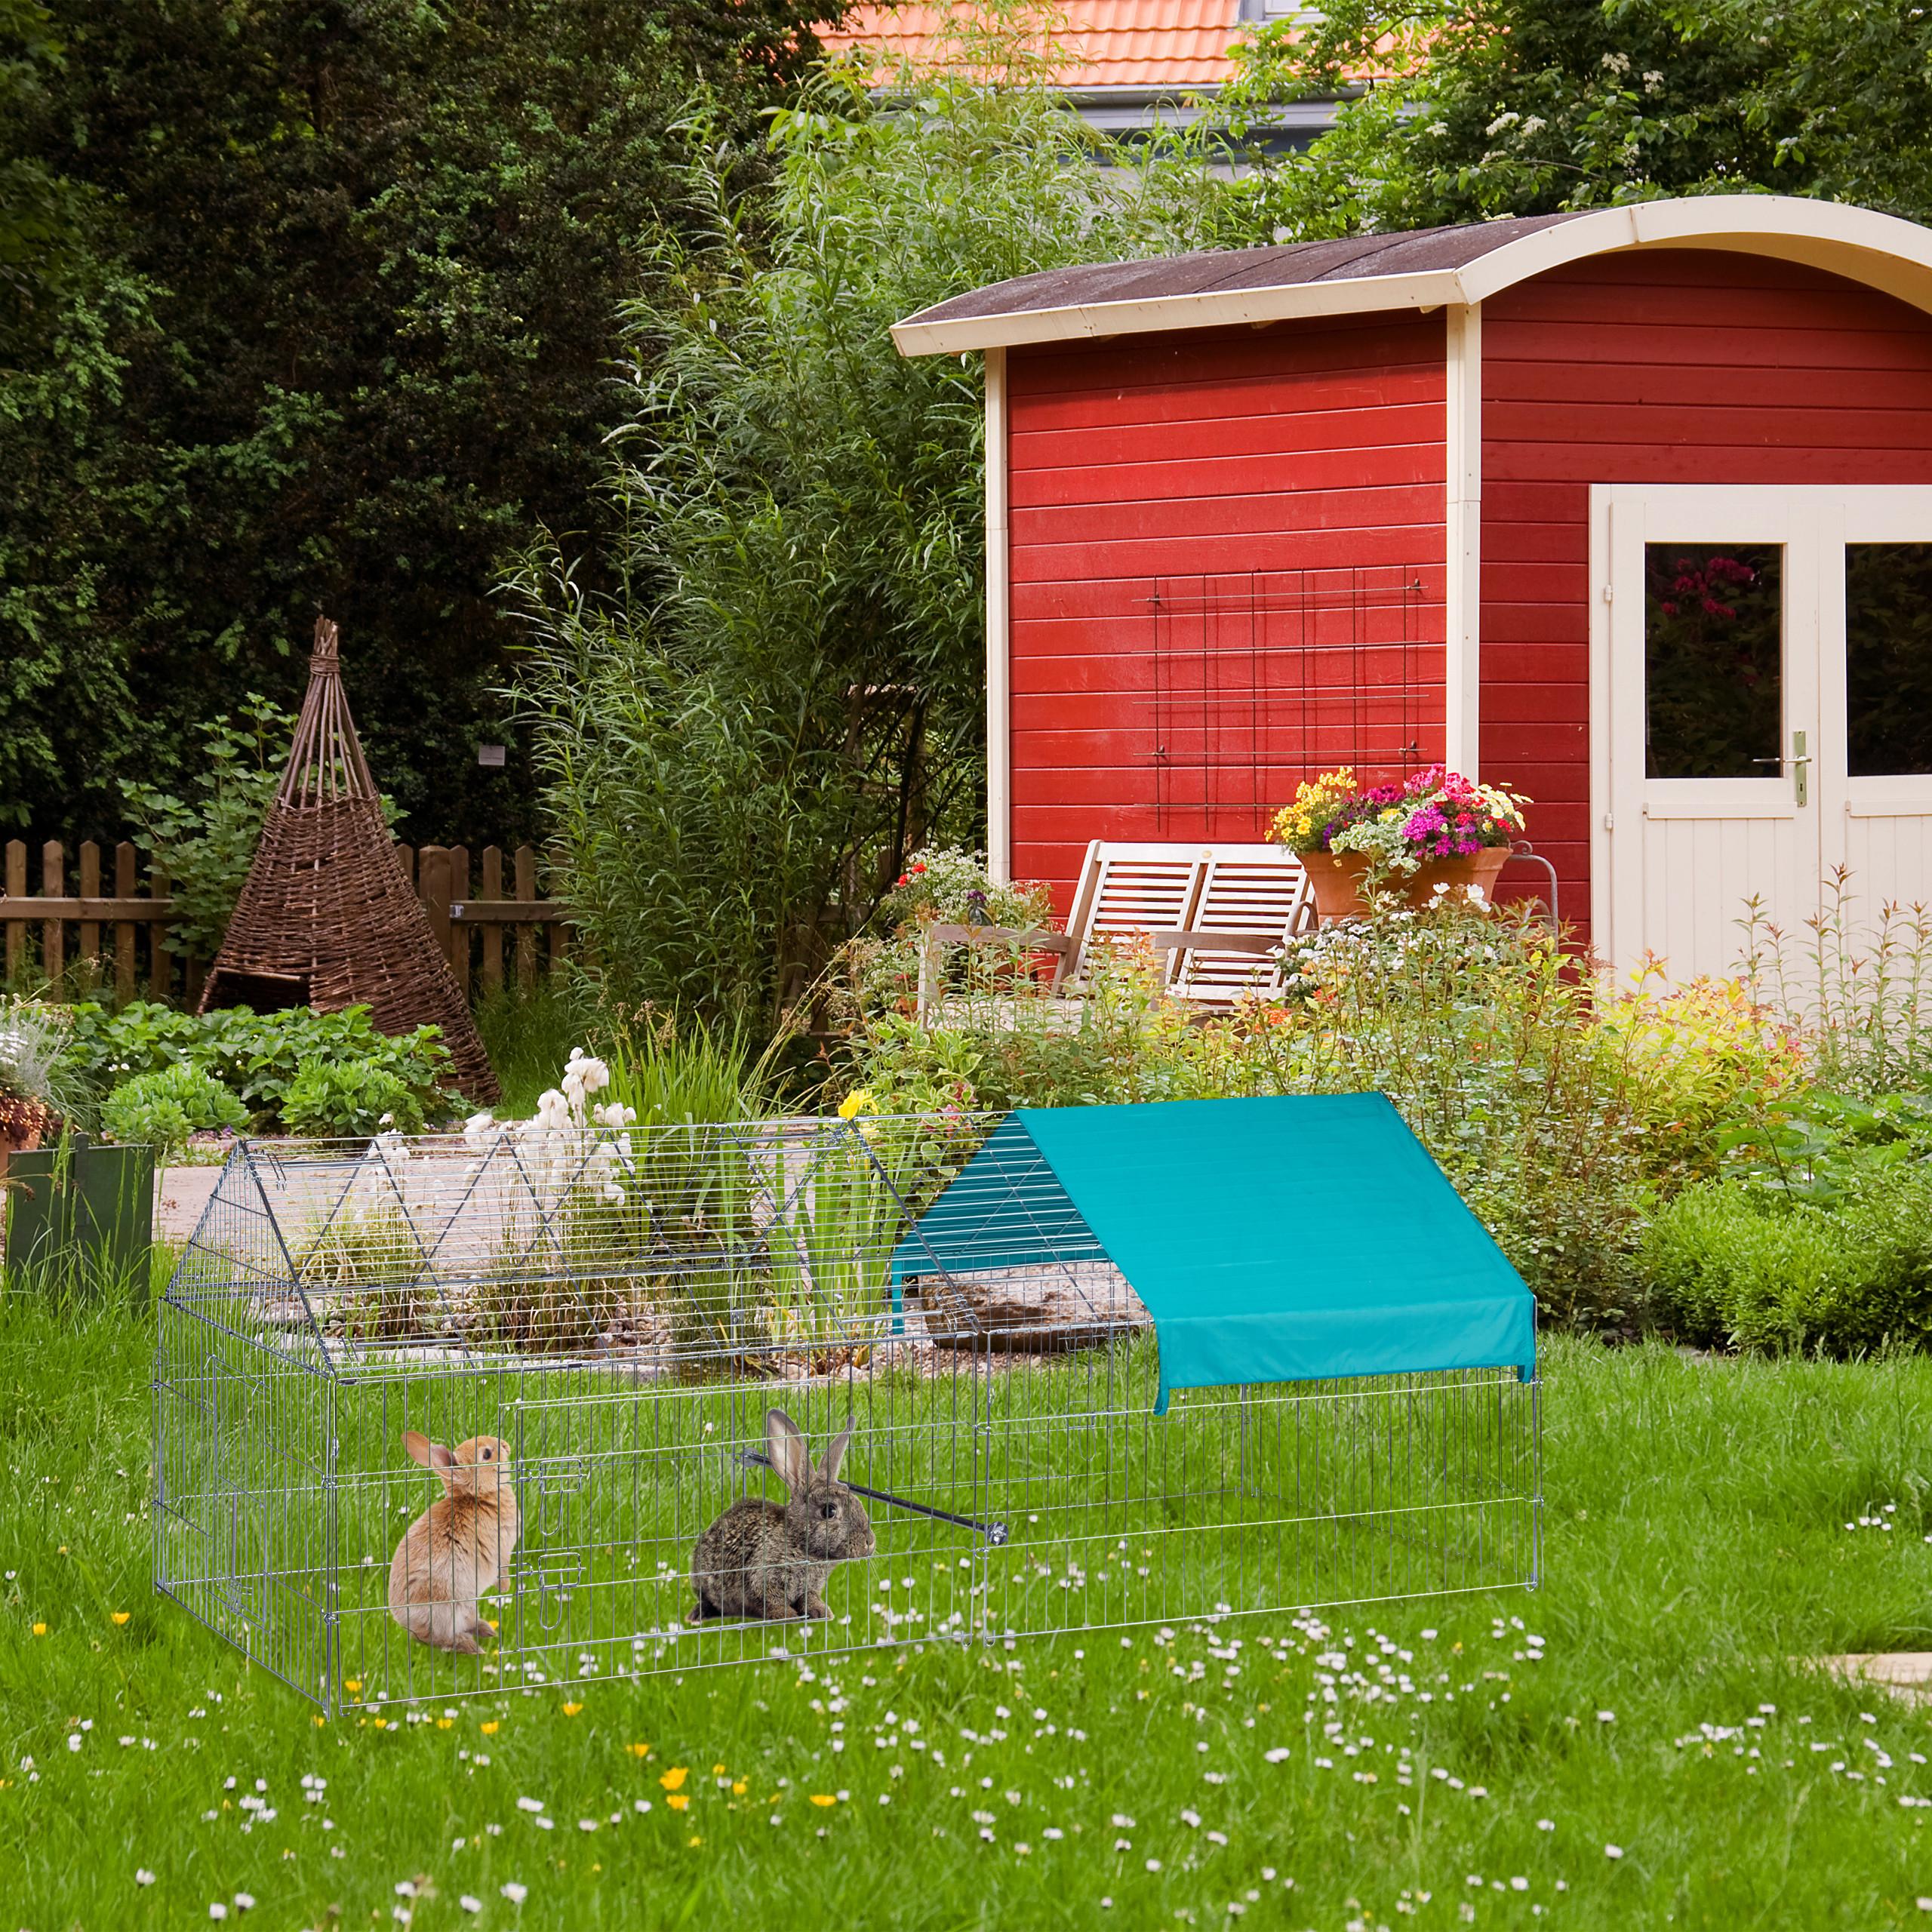 Freilaufgehege-Kaninchen-Huhner-Freigehege-Hasengehege-Huhnerauslauf-220cm-Stahl miniatuur 4